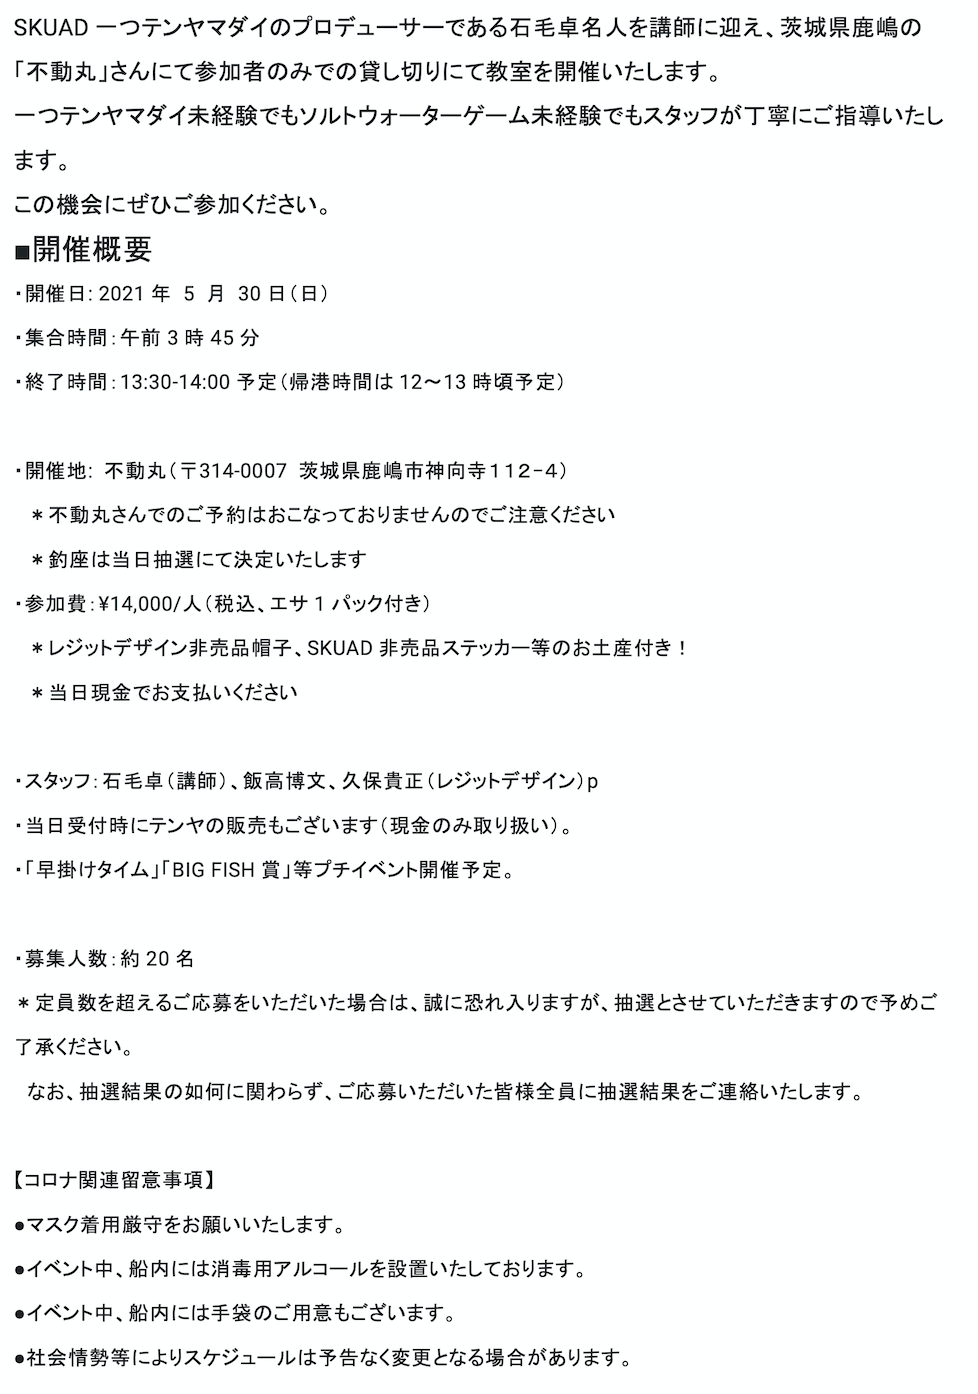 スクリーンショット 2021-05-09 20.44.56